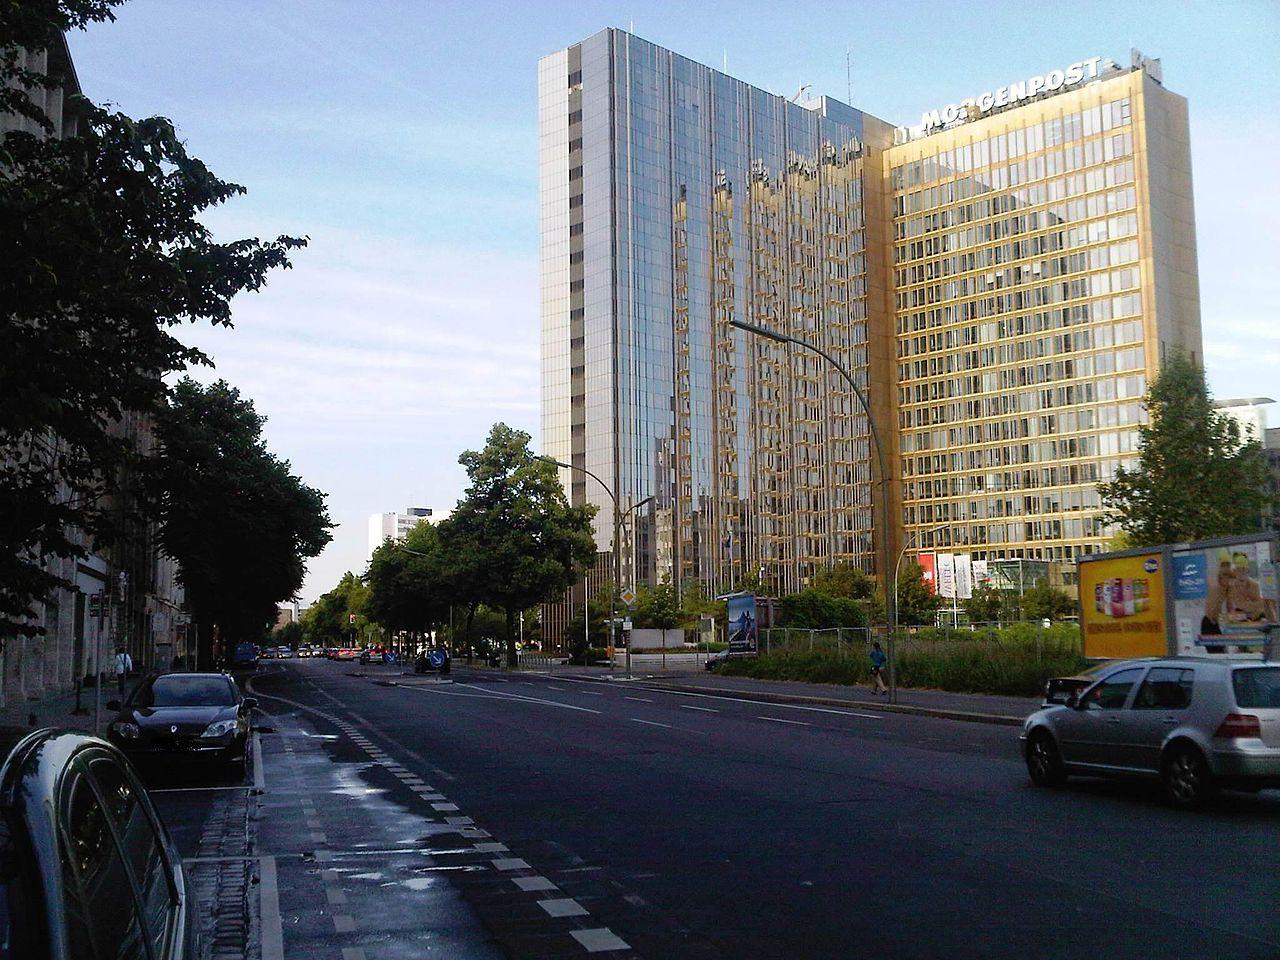 Berlin-Mitte Axel-Springer-Straße mit Blick auf das Axel-Springer-Hochhaus.jpg